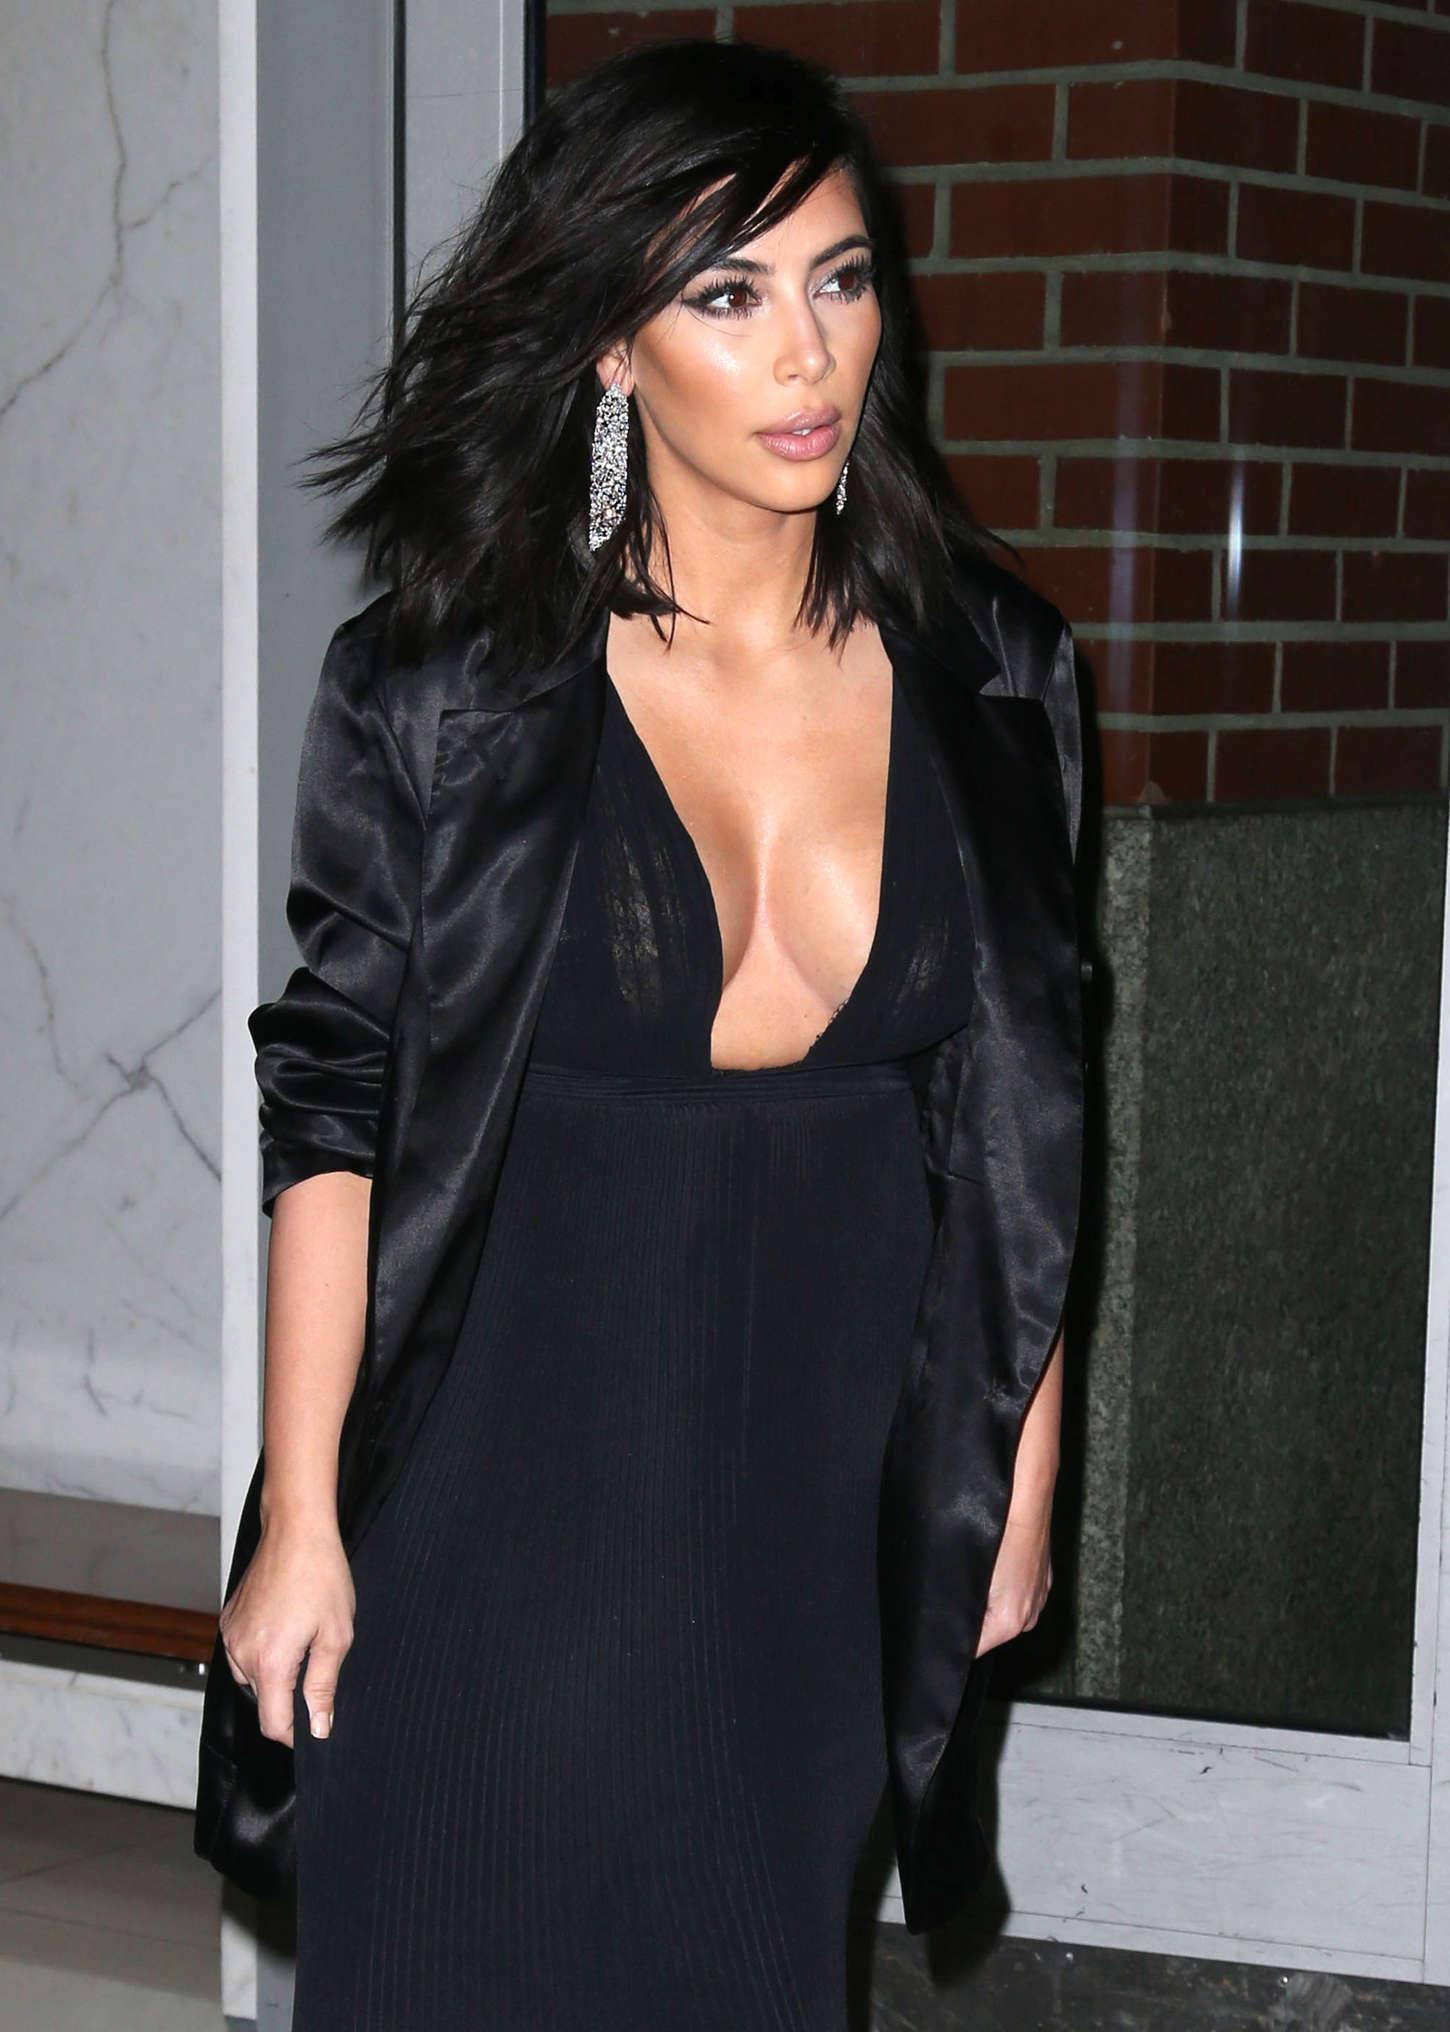 Kim Kardashian In Black Dress Leaving Her Apartment In